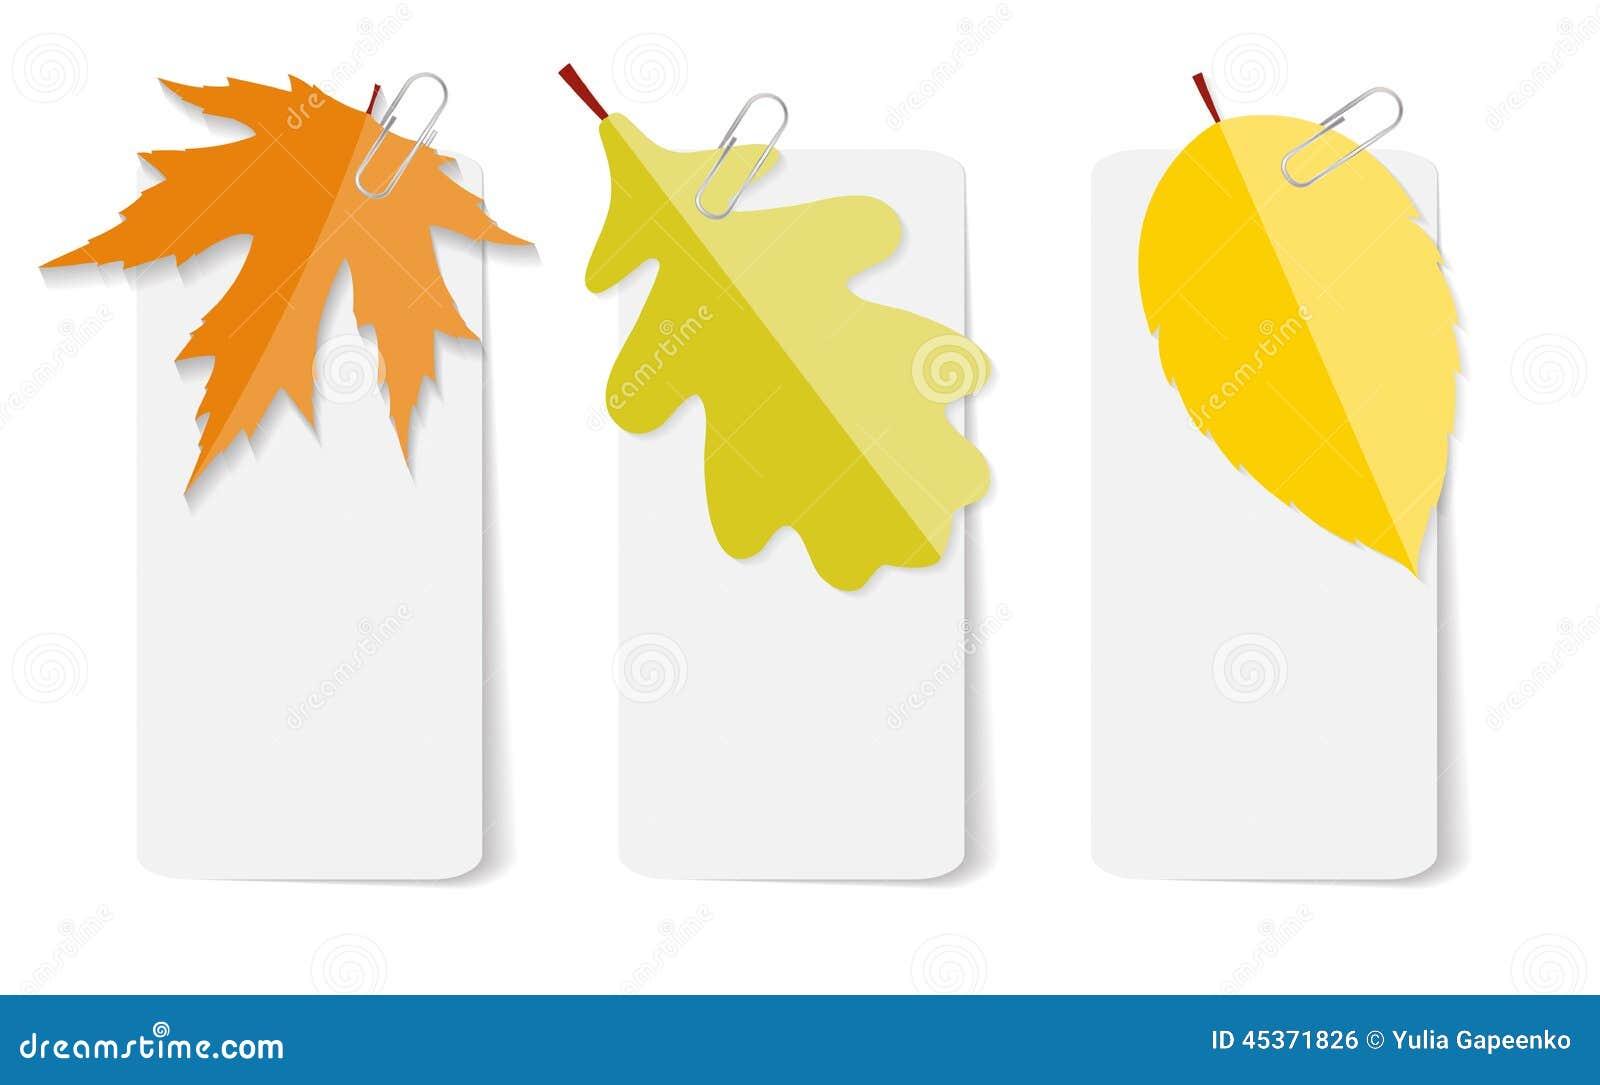 Autumn Leaves Infographic Templates pour des affaires